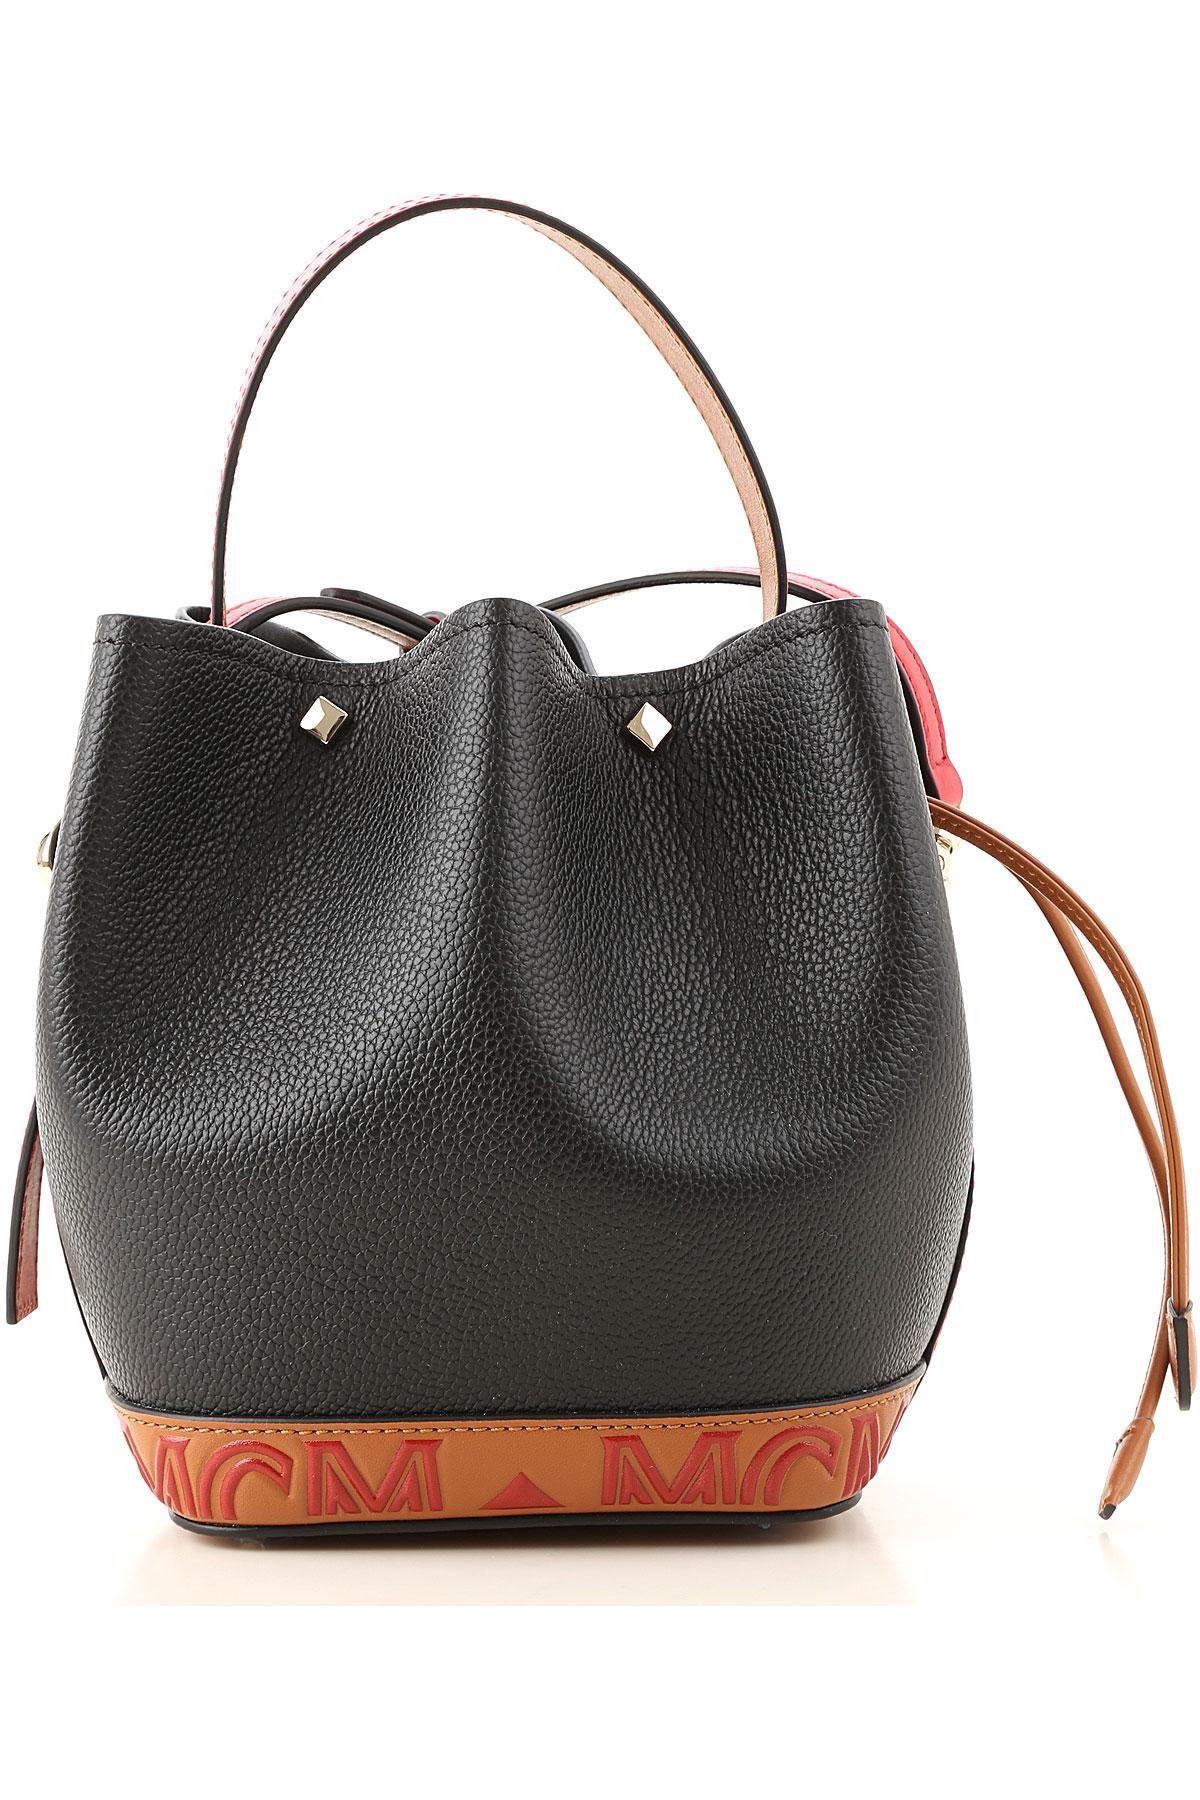 MCM Top Handle Handbag On Sale, Black, Leather, 2019